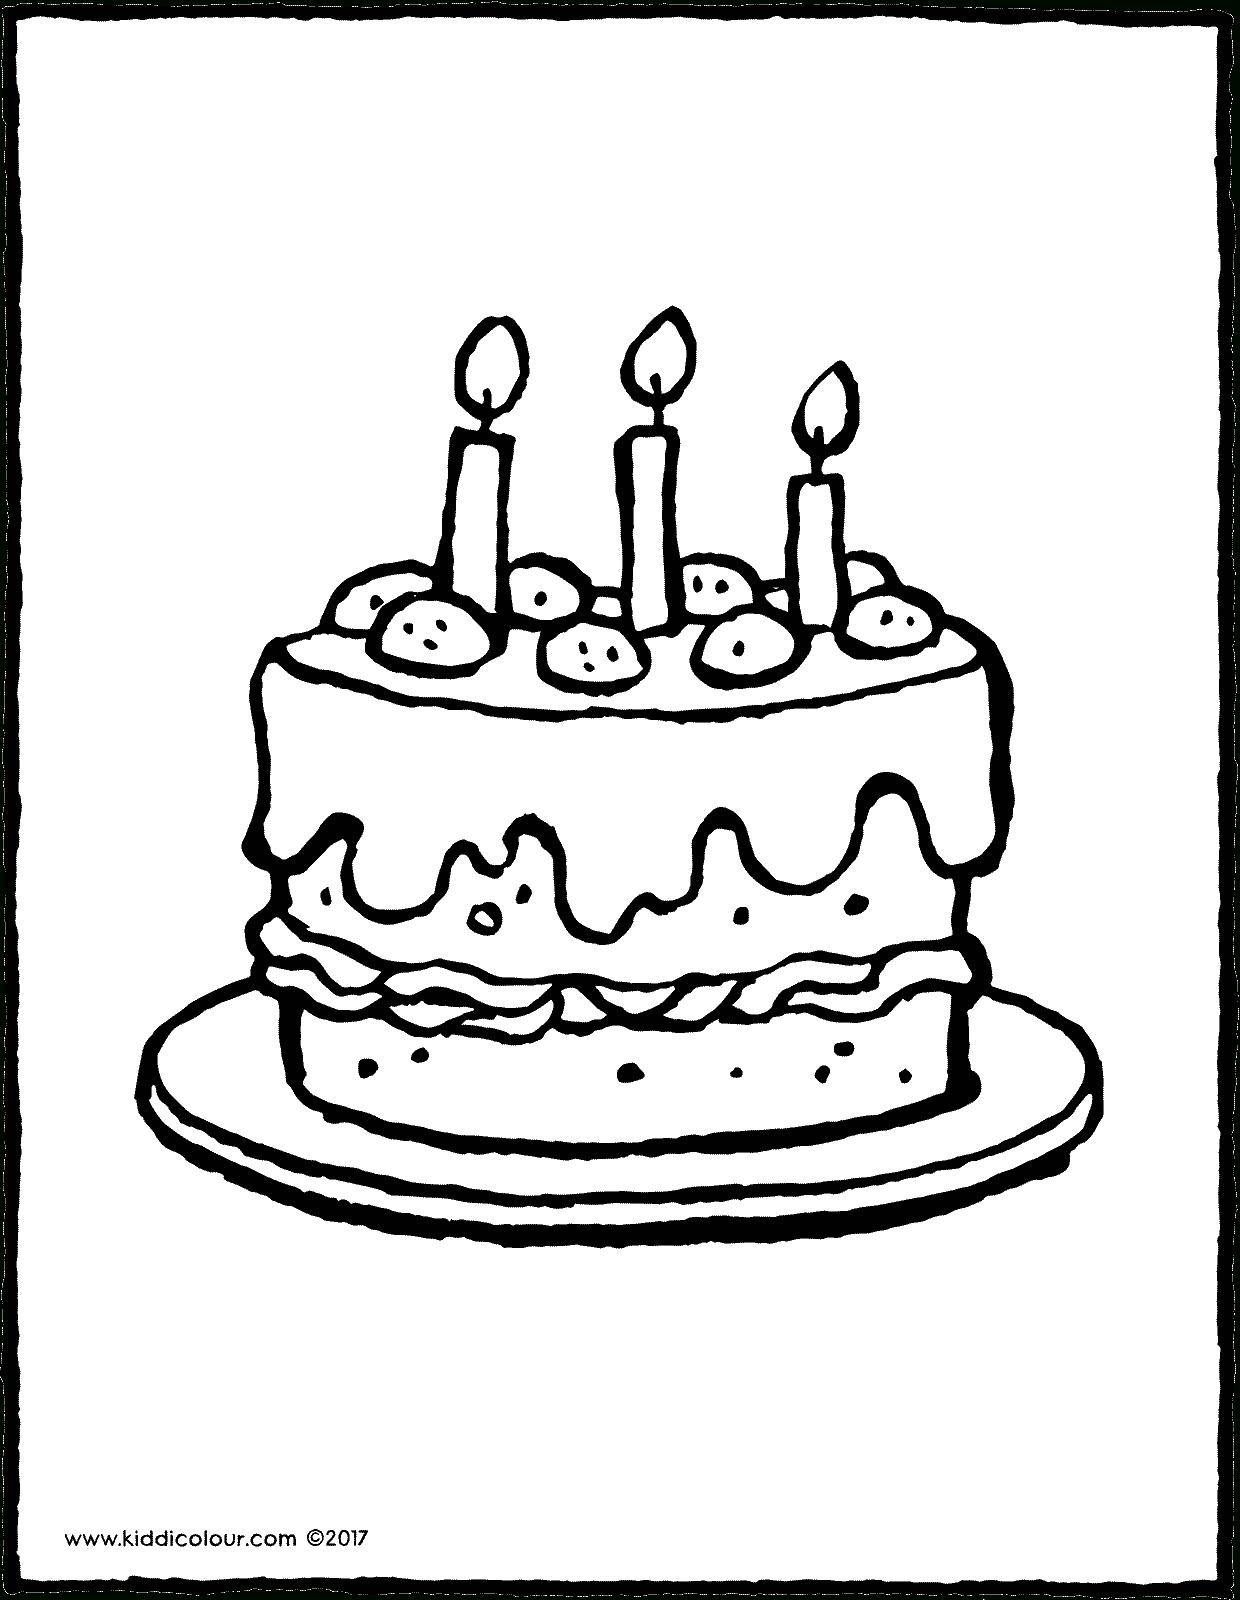 Eine Torte Mit 3 Kerzen - Kiddimalseite bei Ausmalbild Kuchen